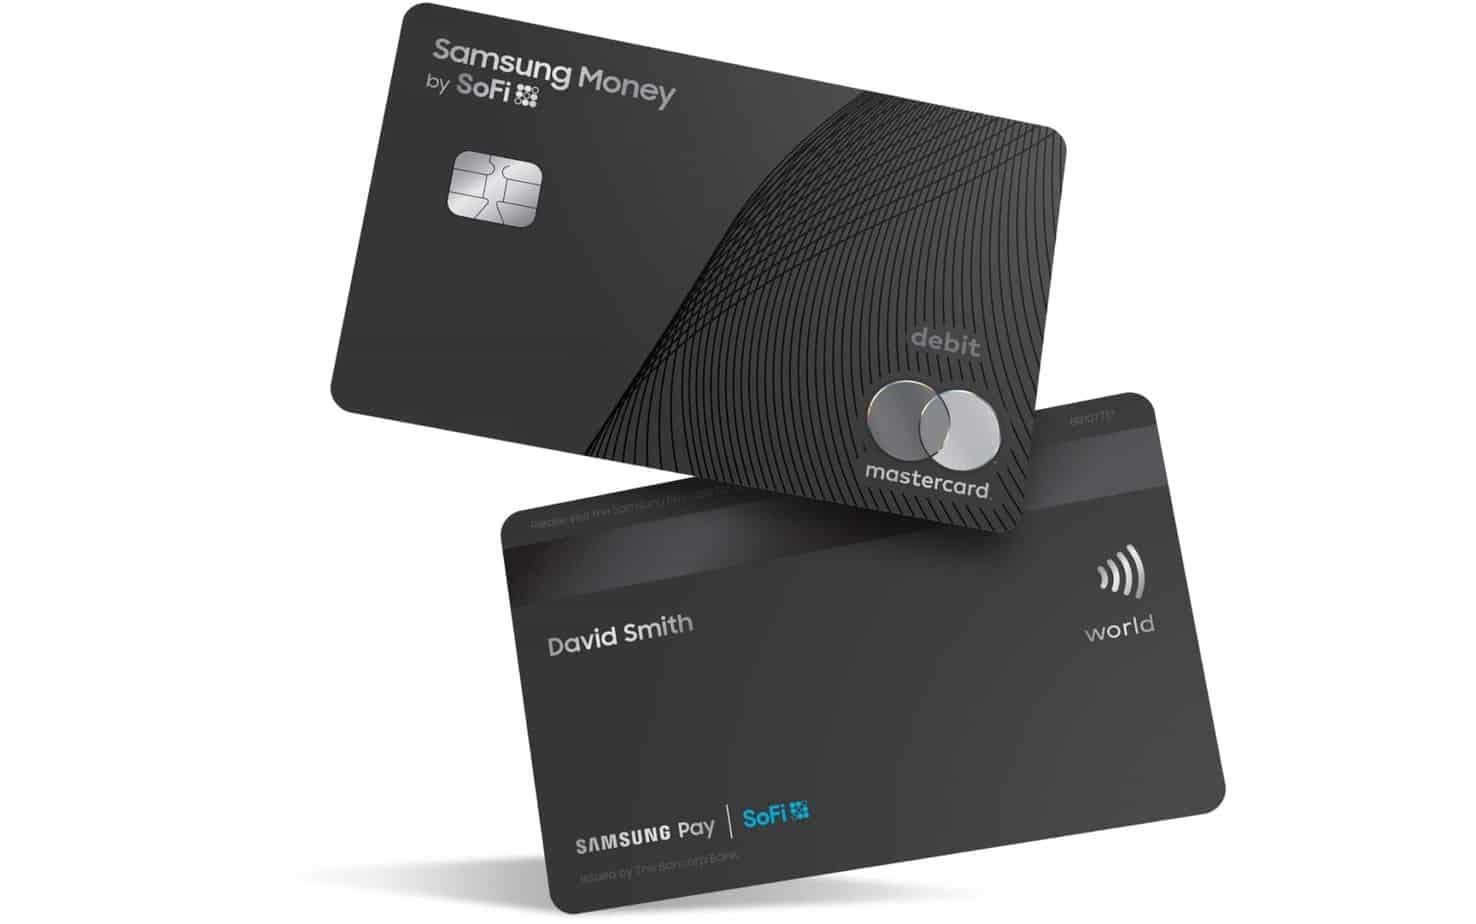 Samsung Money von SoFi: Machen Sie mehr aus Ihrem Geld